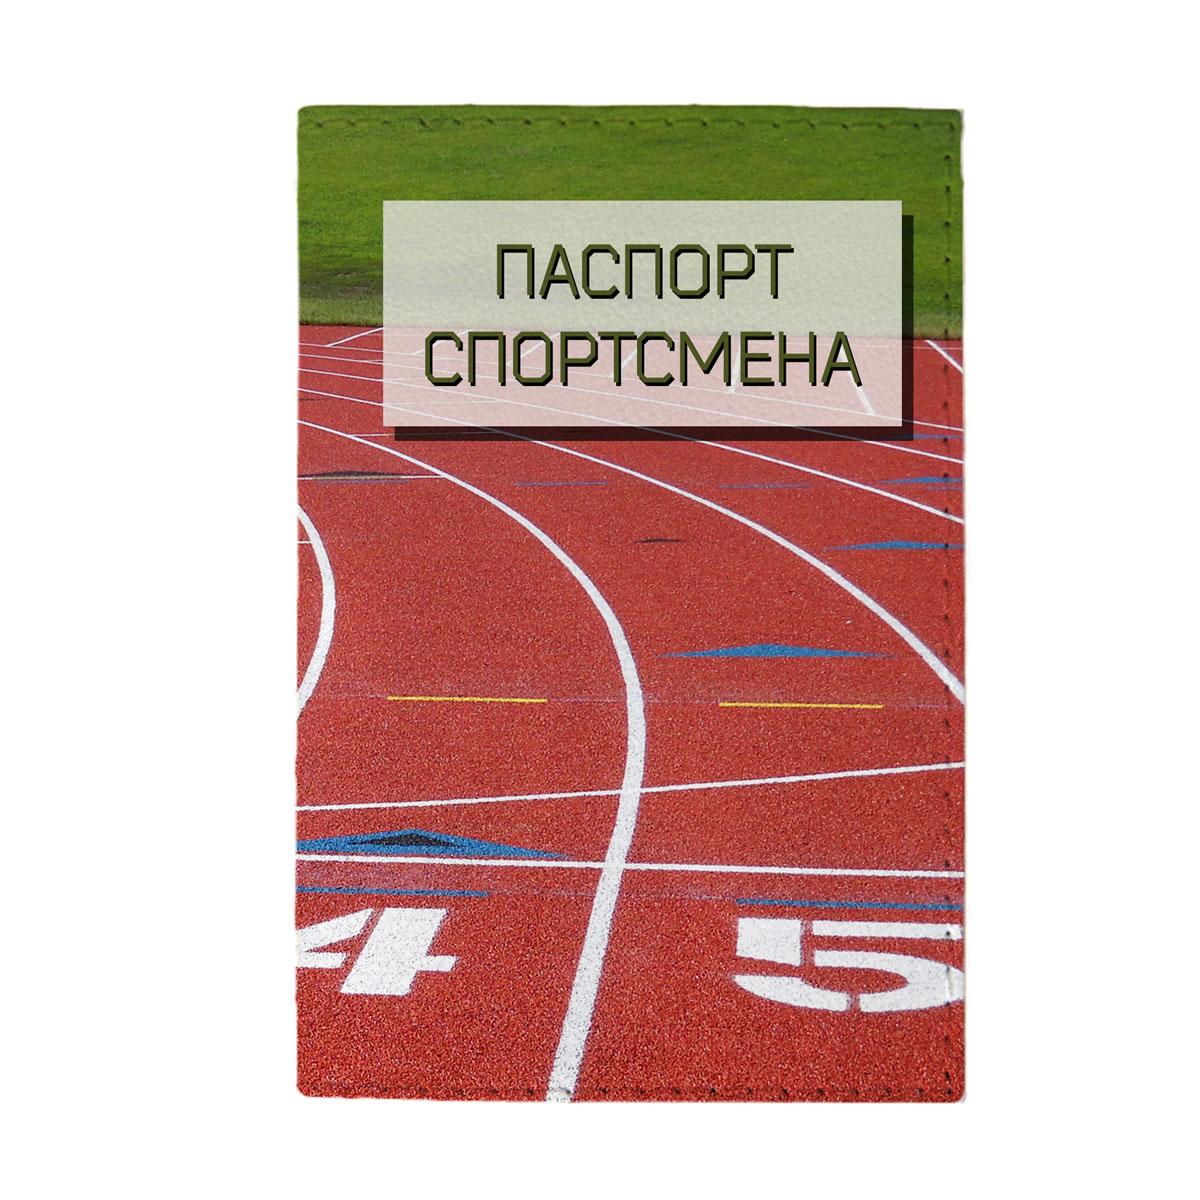 Обложка для паспорта мужская Mitya Veselkov Спортсмен, цвет: мультицвет. OZAM393AY9073Обложка для паспорта Mitya Veselkov Спортсмен не только поможет сохранить внешний вид ваших документов и защитить их от повреждений, но и станет стильным аксессуаром, идеально подходящим вашему образу.Она выполнена из поливинилхлорида, внутри имеет два вертикальных кармашка из прозрачного пластика.Такая обложка поможет вам подчеркнуть свою индивидуальность и неповторимость!Обложка для паспорта стильного дизайна может быть достойным и оригинальным подарком.